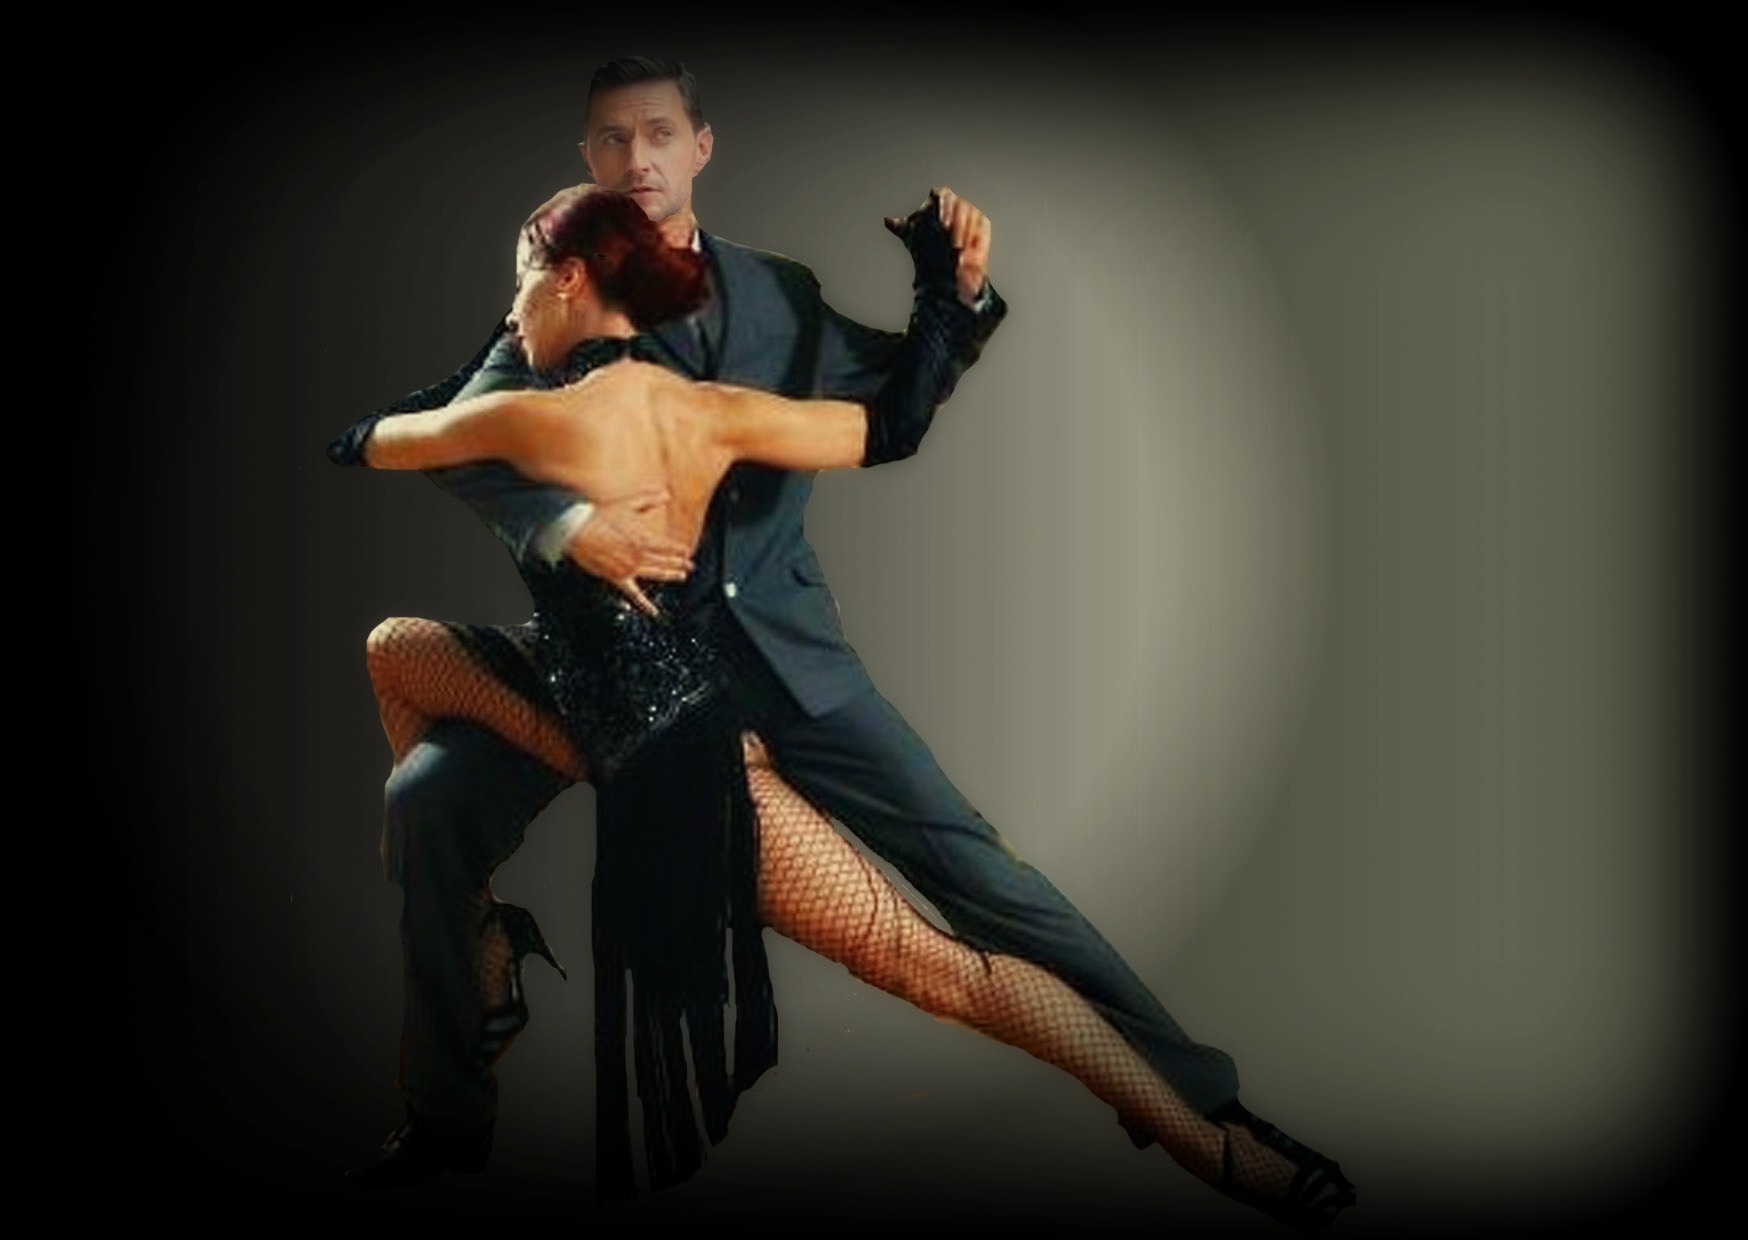 Самоучитель эротического танца, Уроки эротического танца часть 1 Урок 1 1 фотография